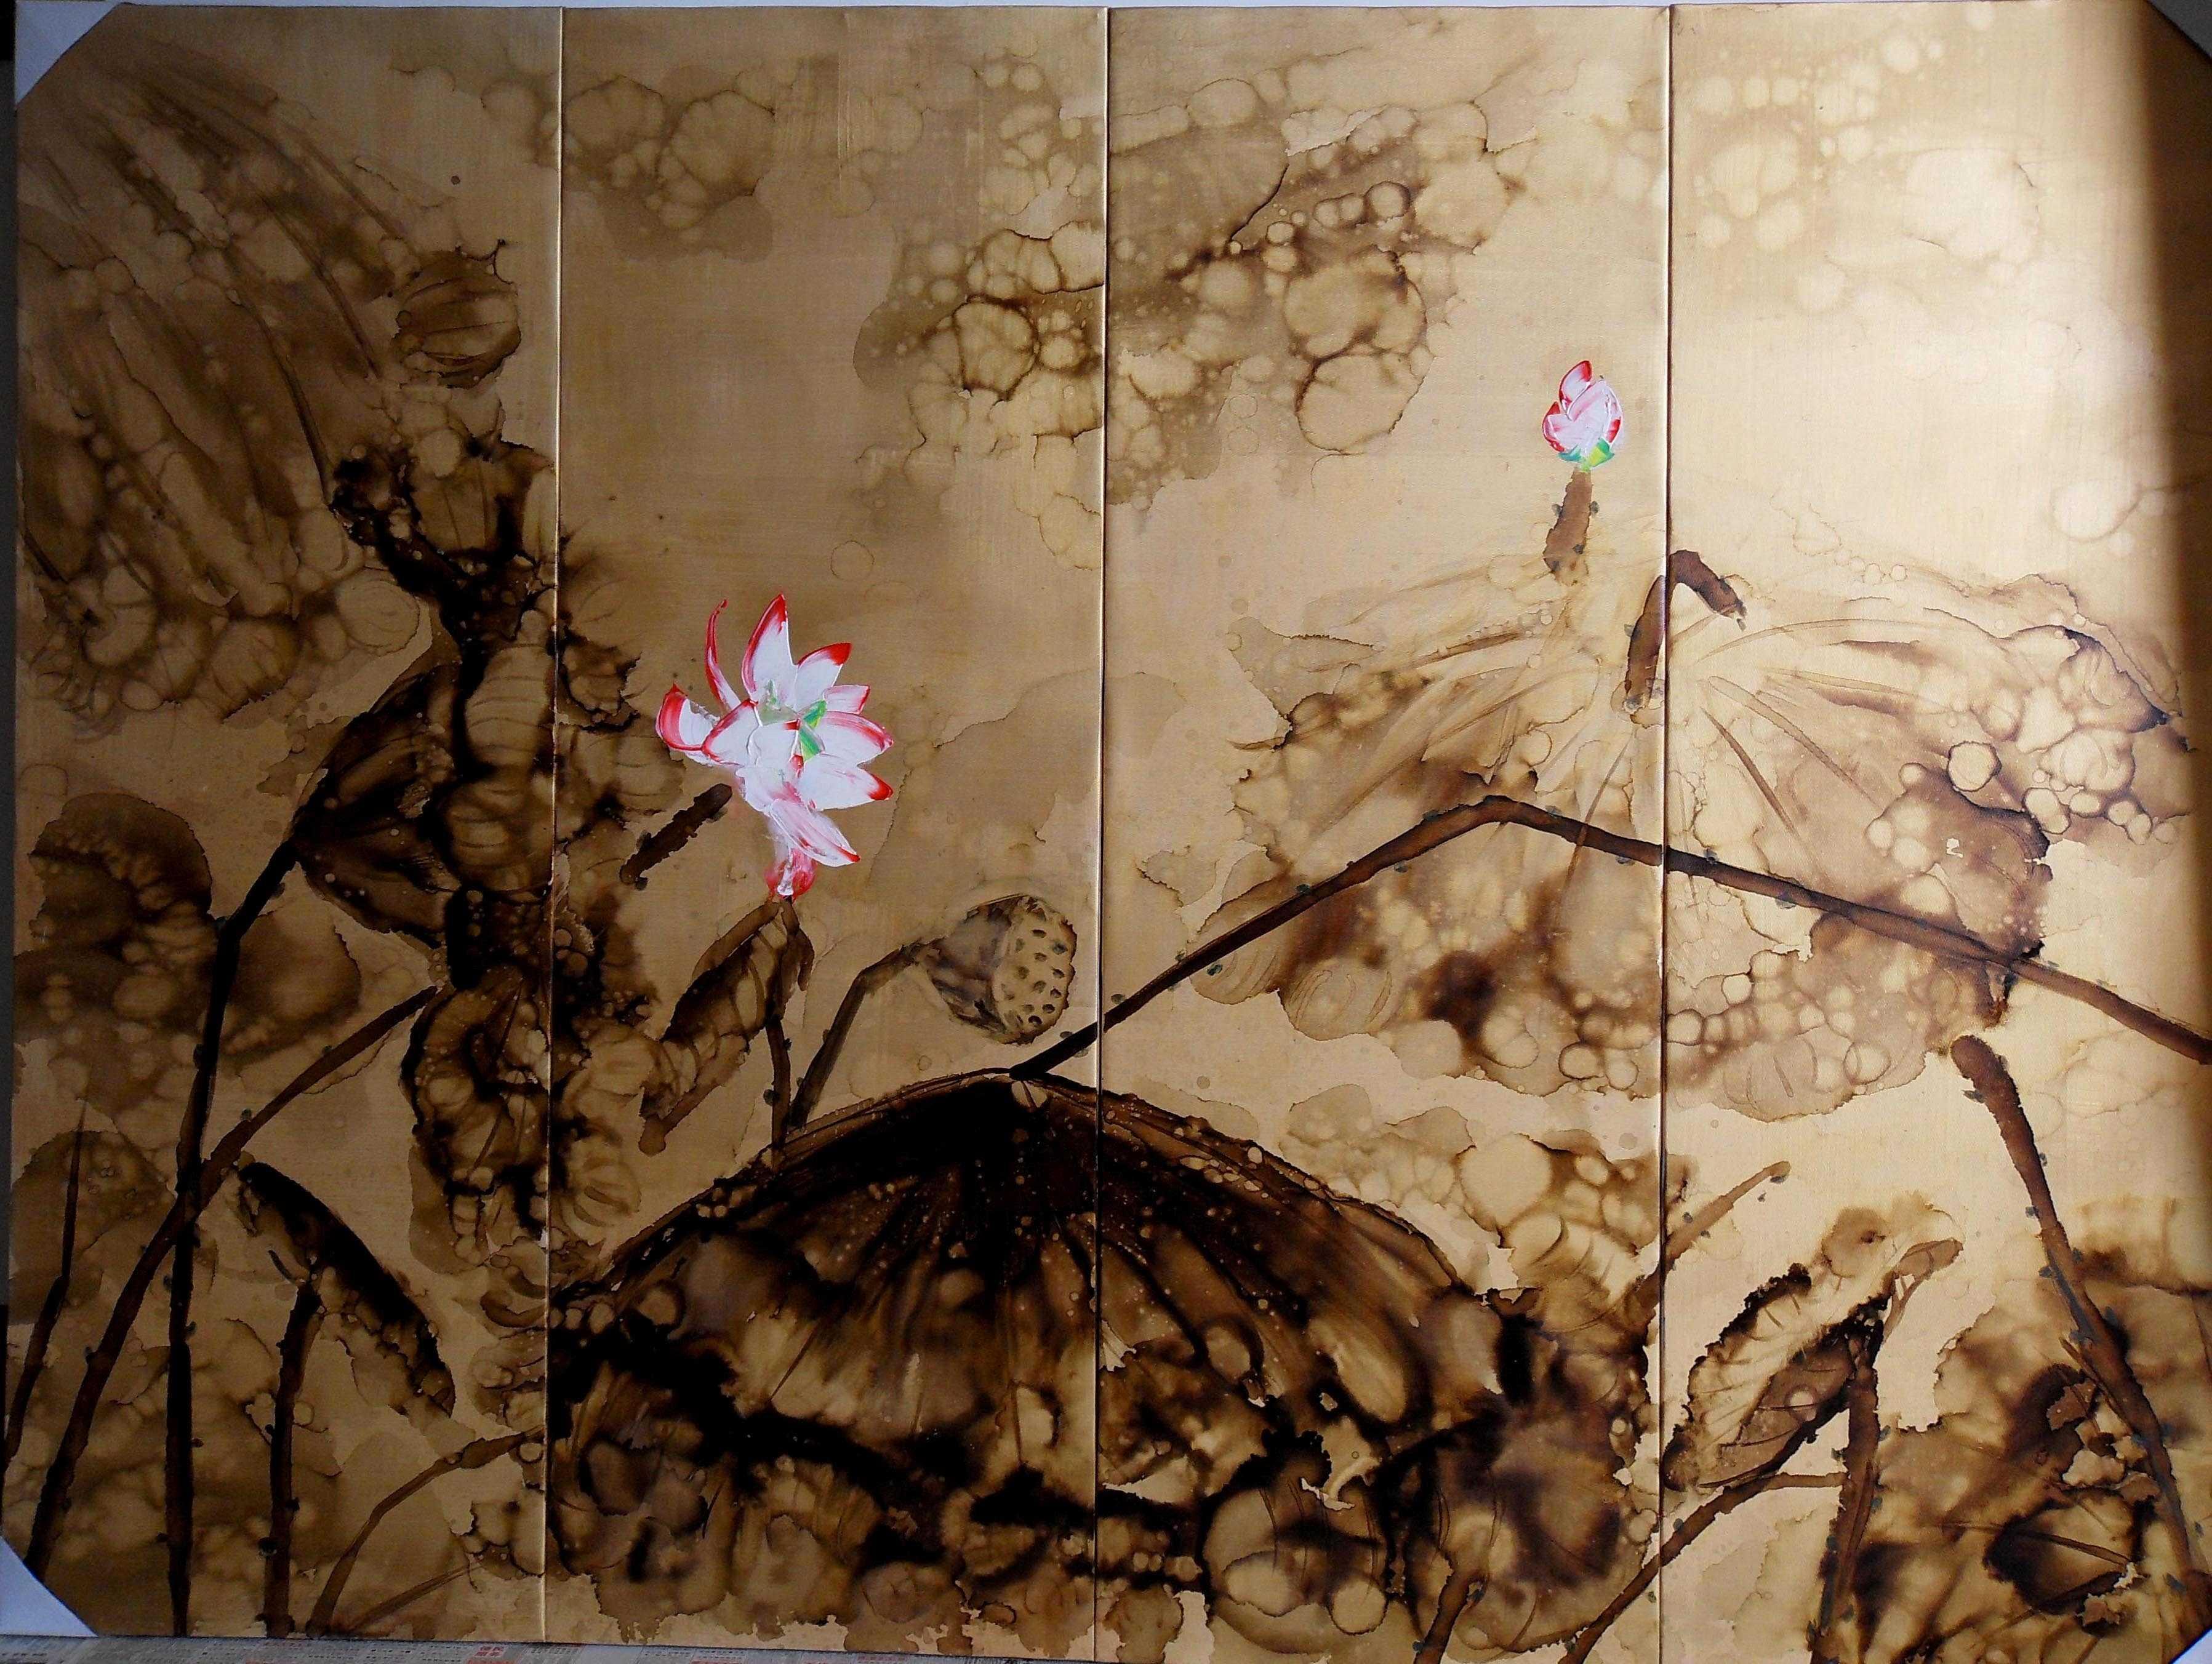 飞跃手绘墙画艺术